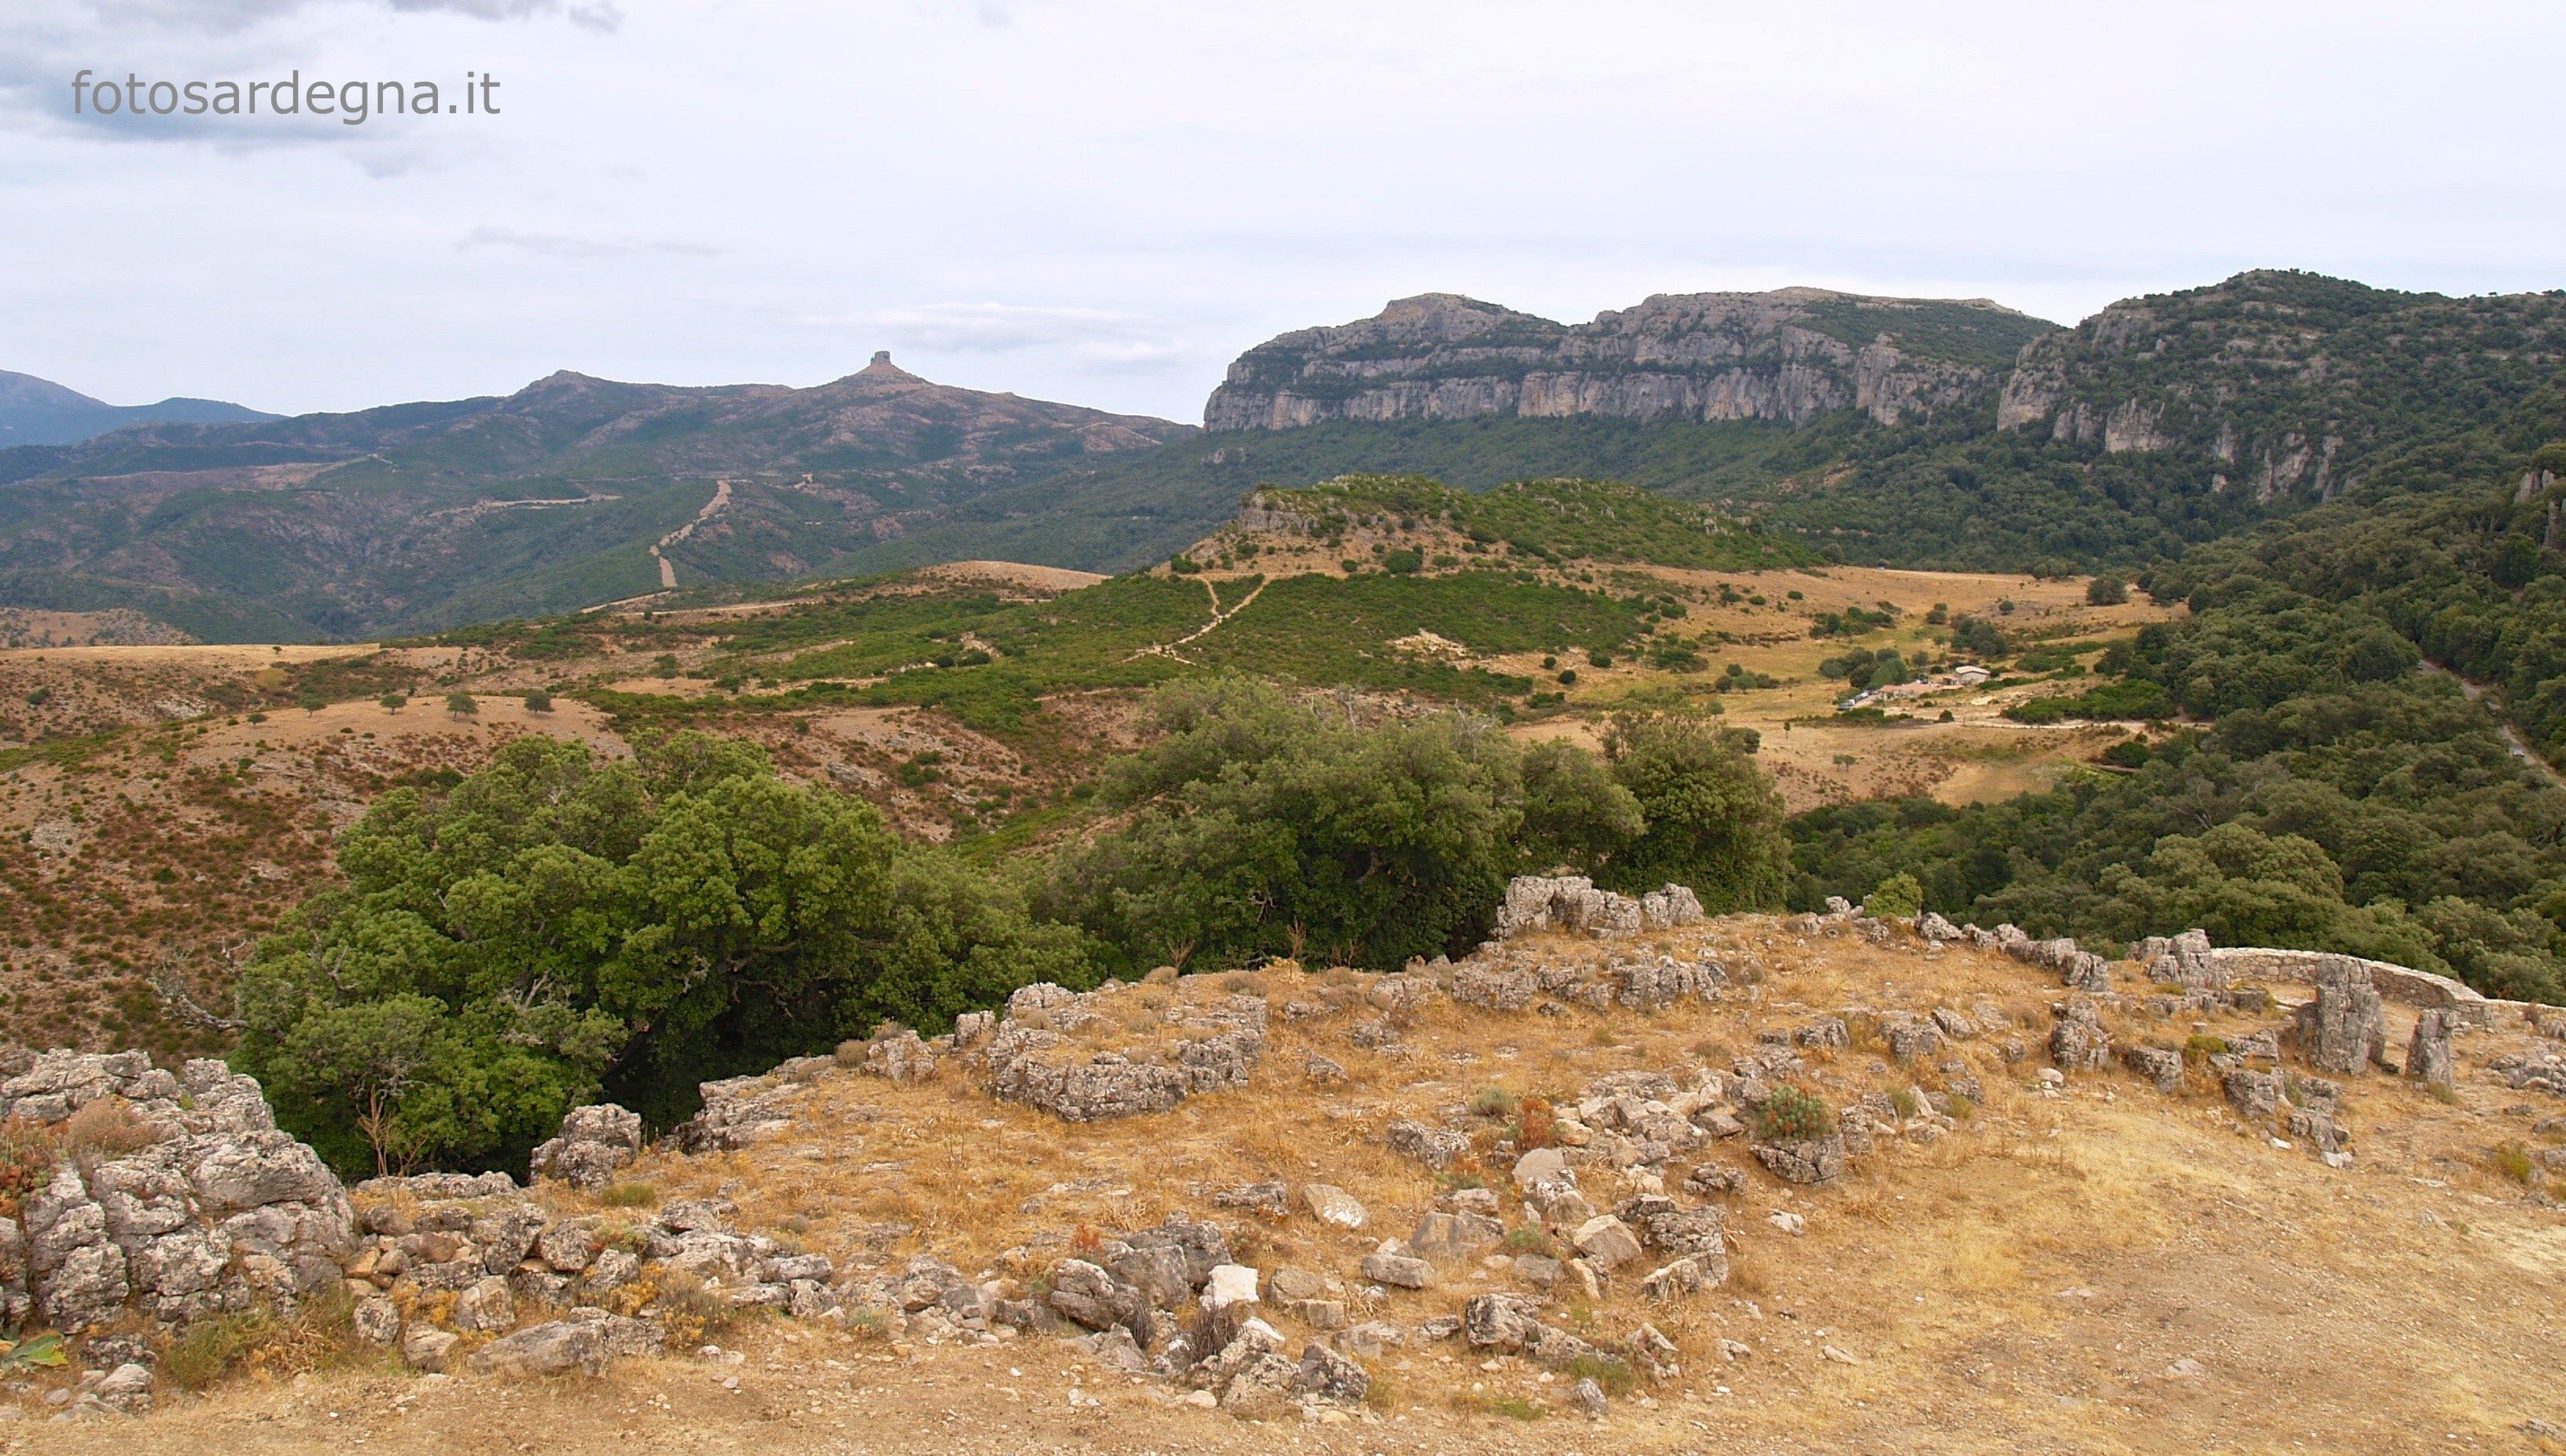 Vista dal Nuraghe Ardasai del complesso del Monte Tonneri e di Perda Liana.